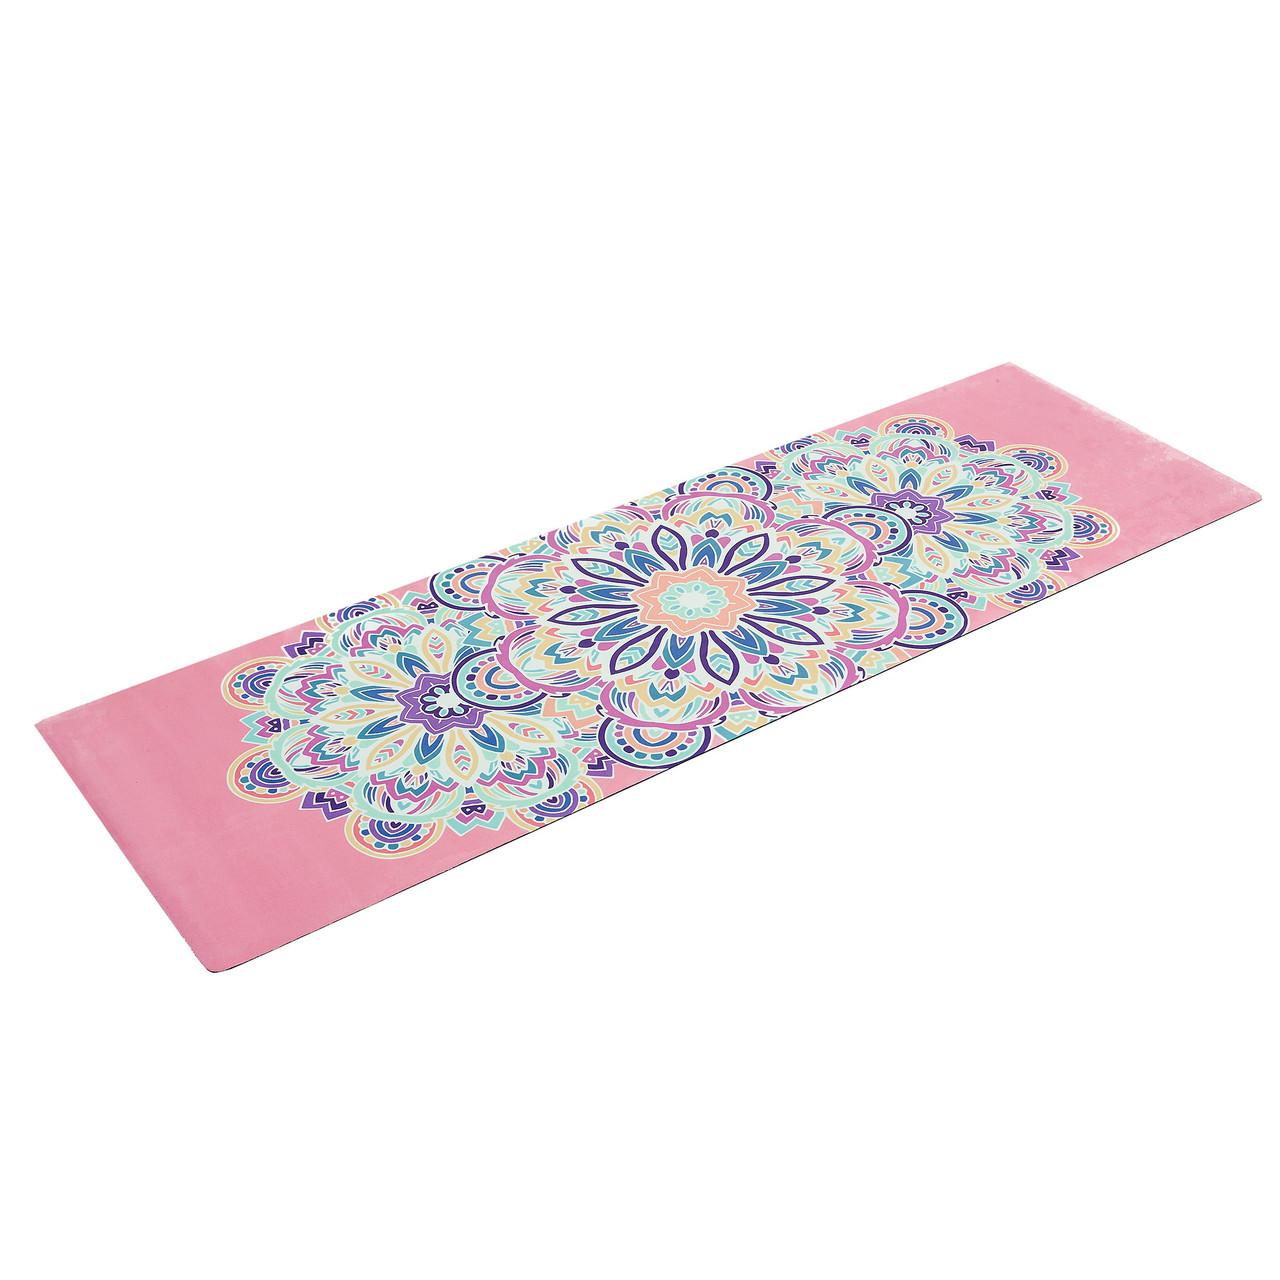 Коврик для йоги Замшевый каучуковый двухслойный 3мм Record FI-5662-6 (размер 1,83мx0,61мx3мм, розовый, с принтом Тройной Оберег)